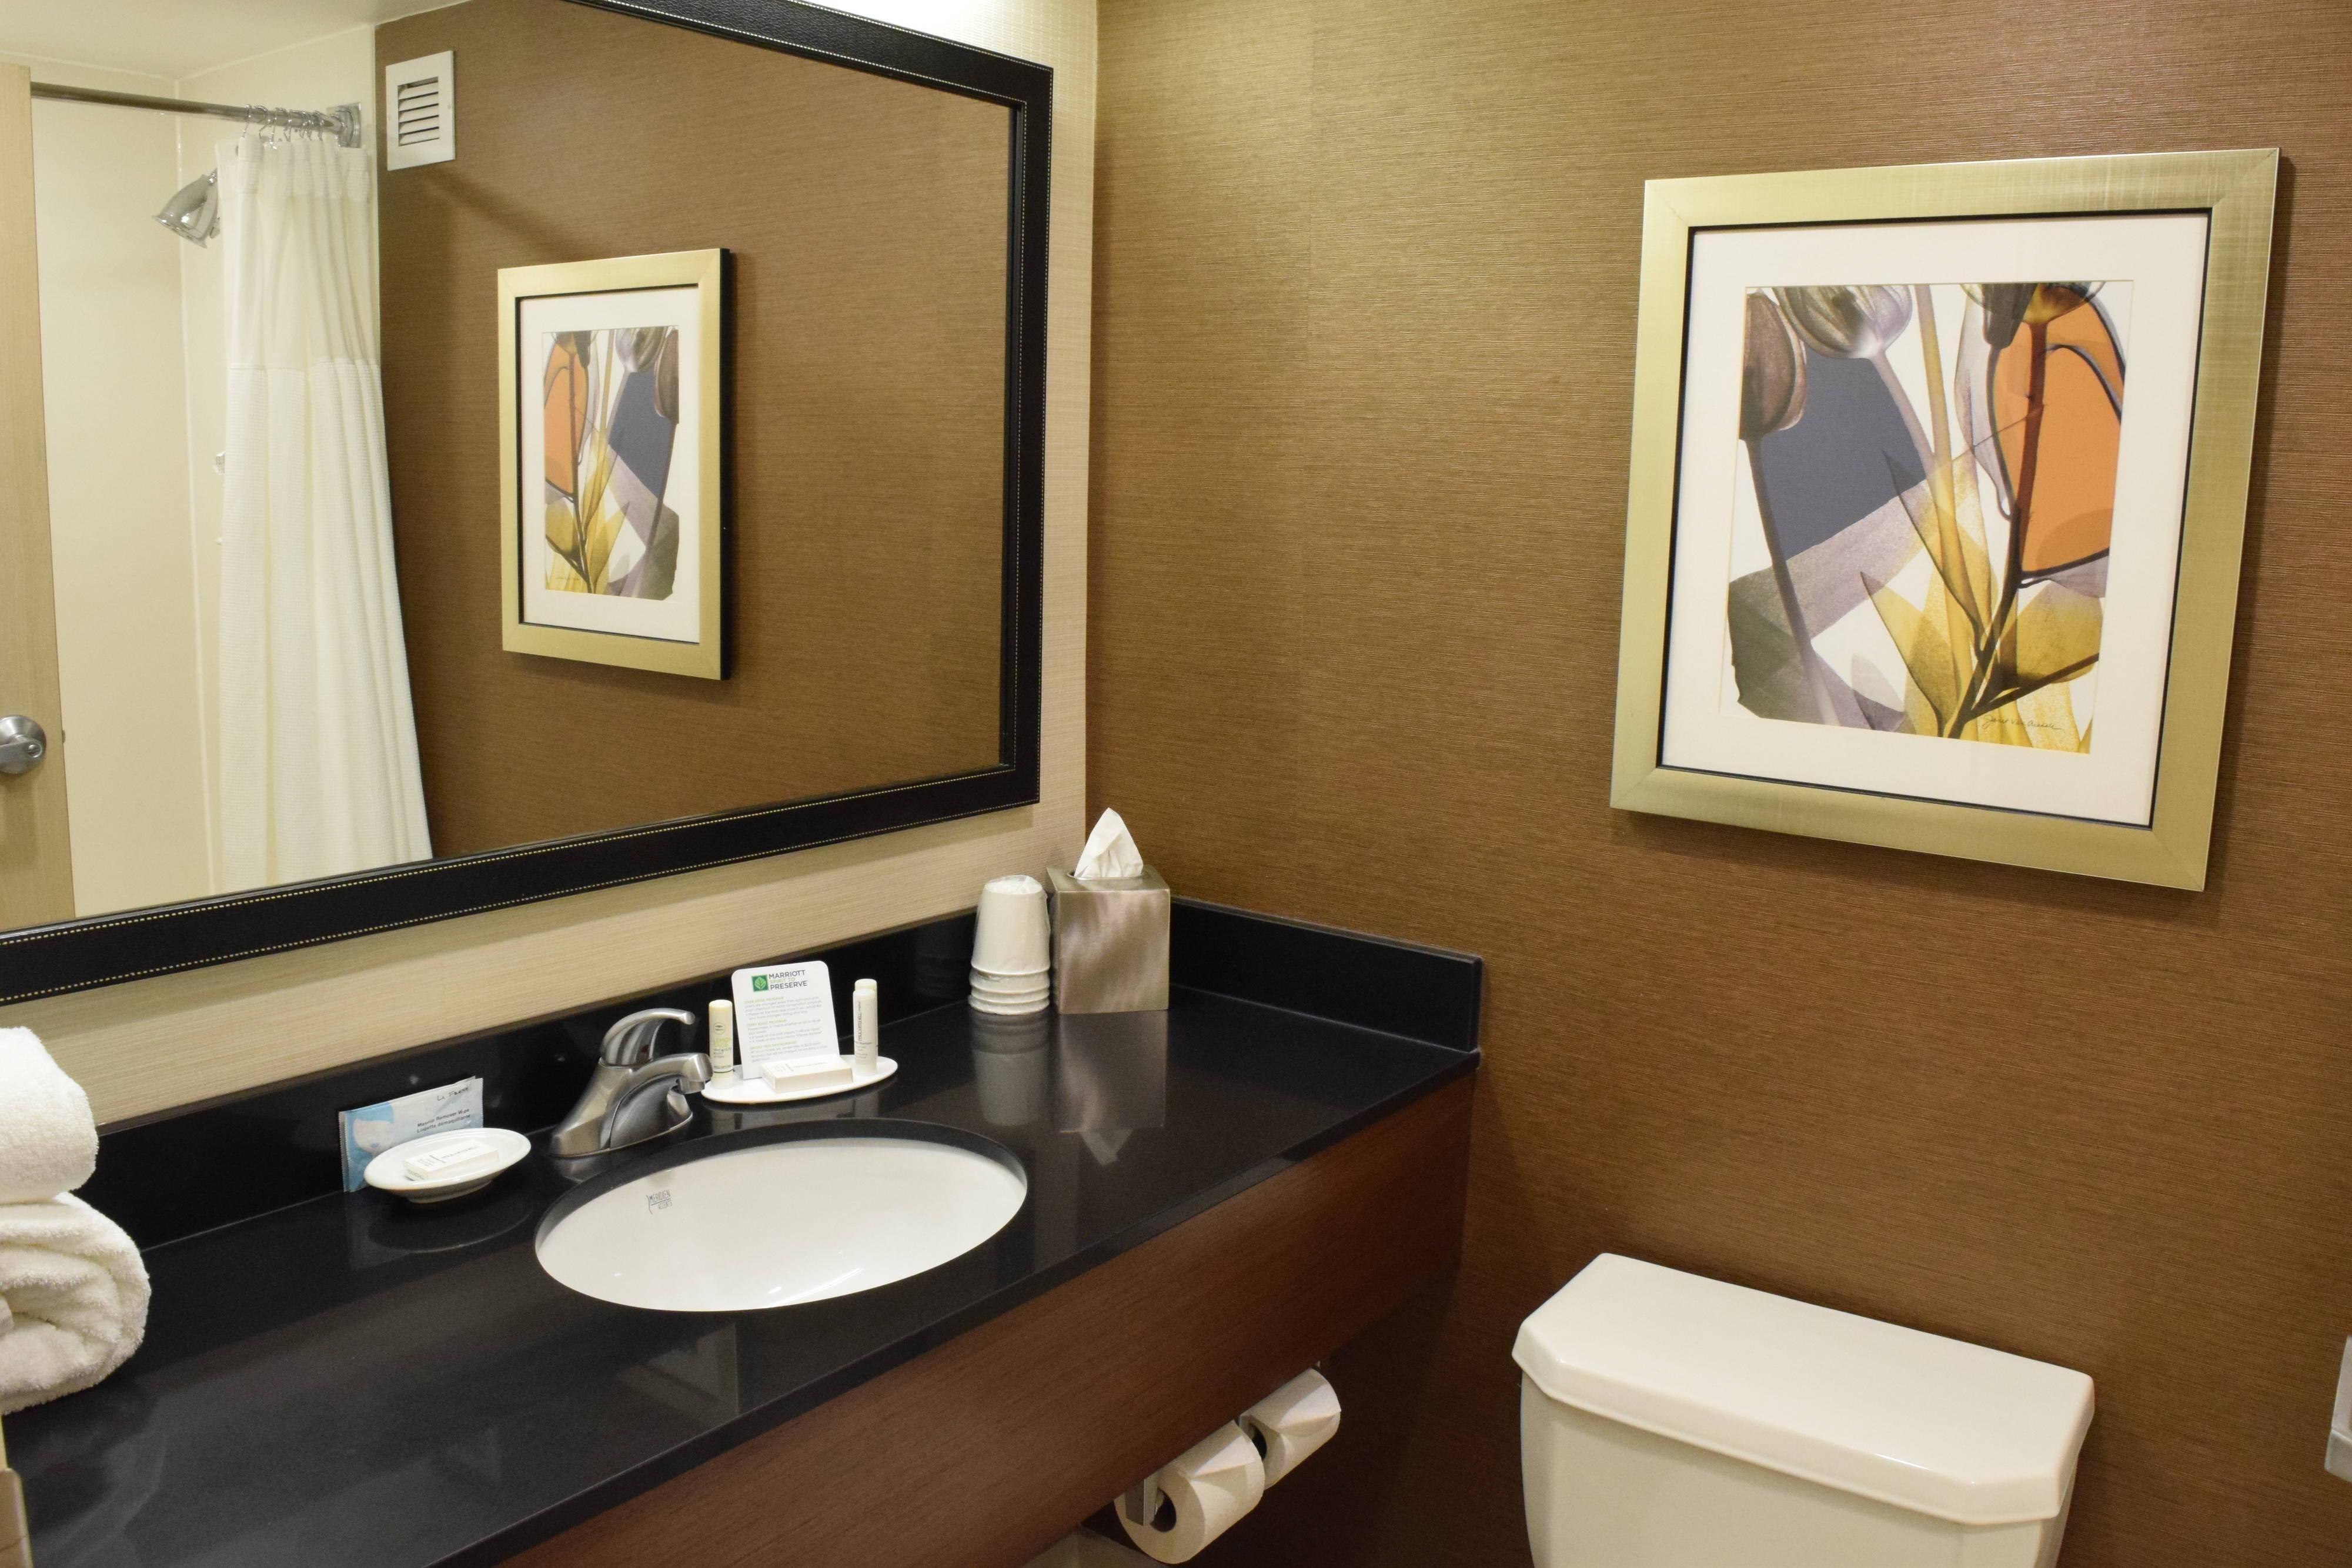 Chambre, salle de bains